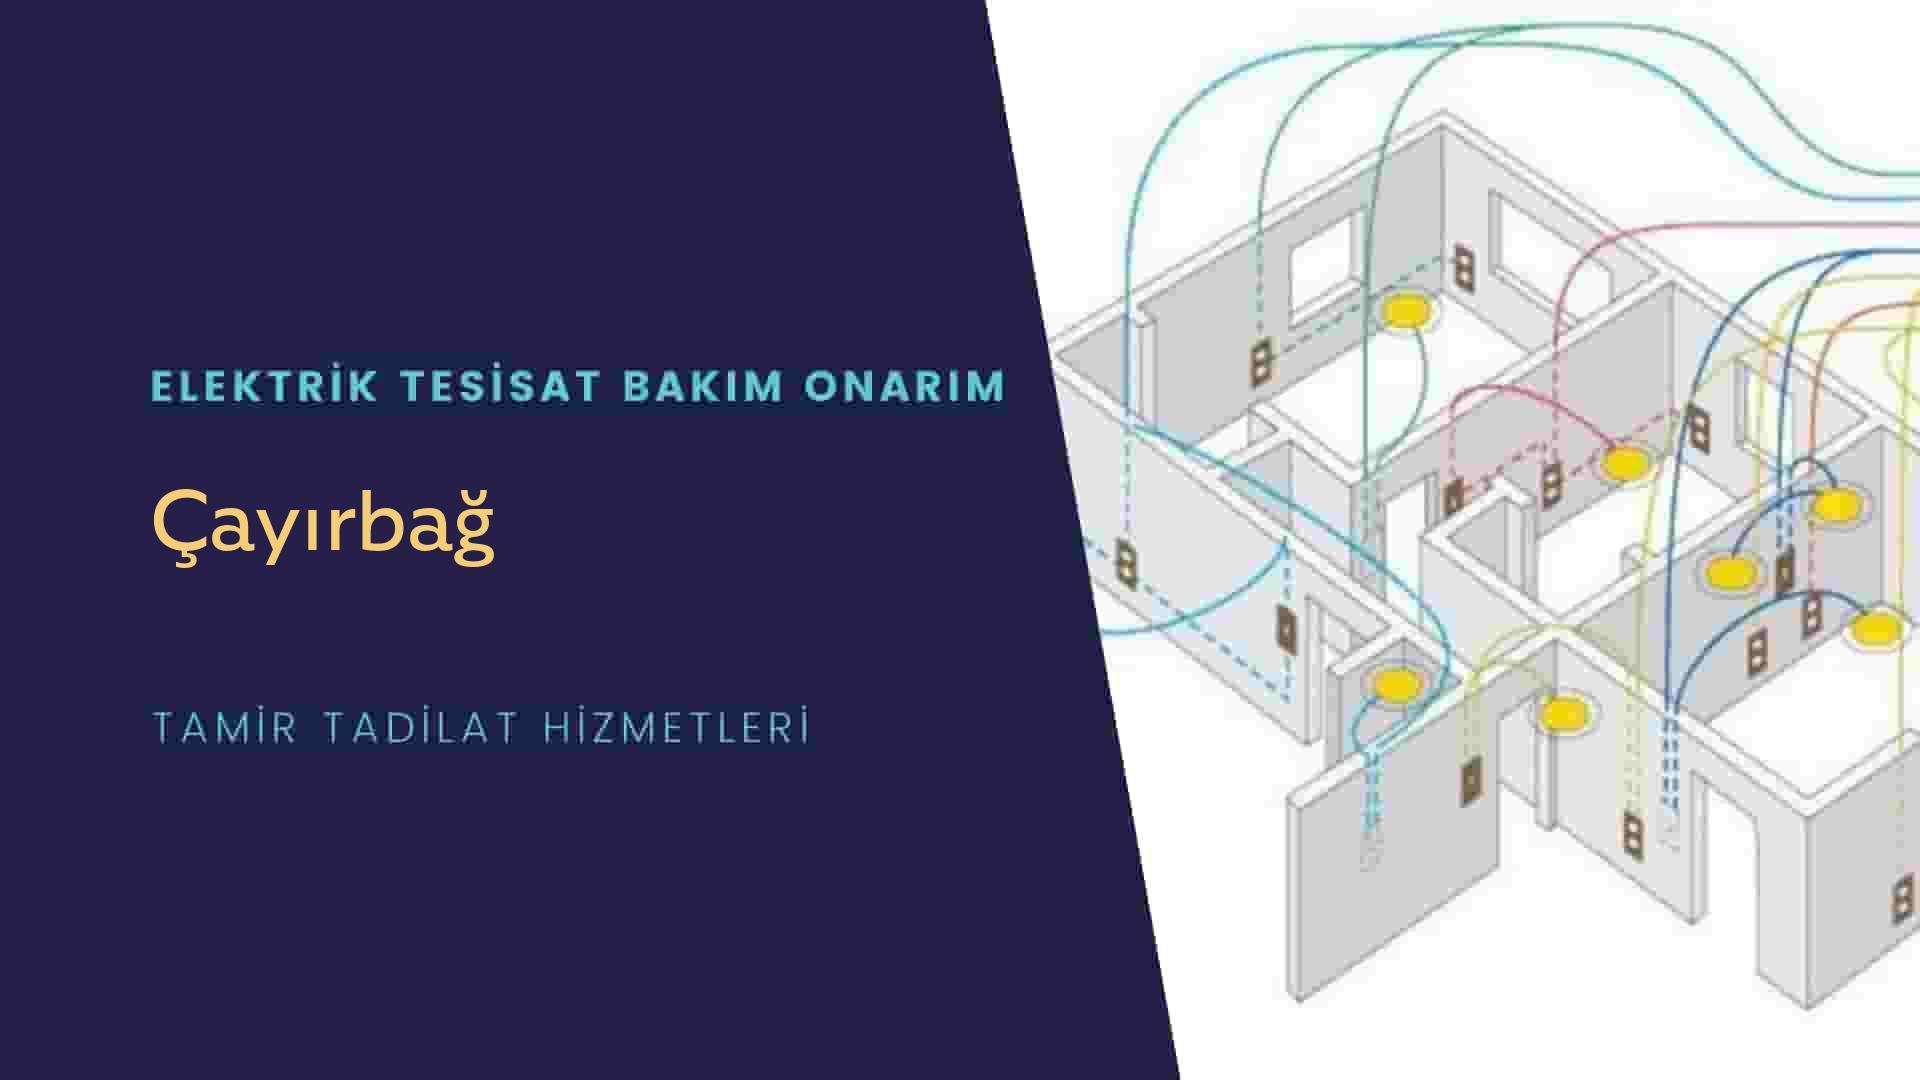 Çayırbağ'da elektrik tesisatıustalarımı arıyorsunuz doğru adrestenizi Çayırbağ elektrik tesisatı ustalarımız 7/24 sizlere hizmet vermekten mutluluk duyar.